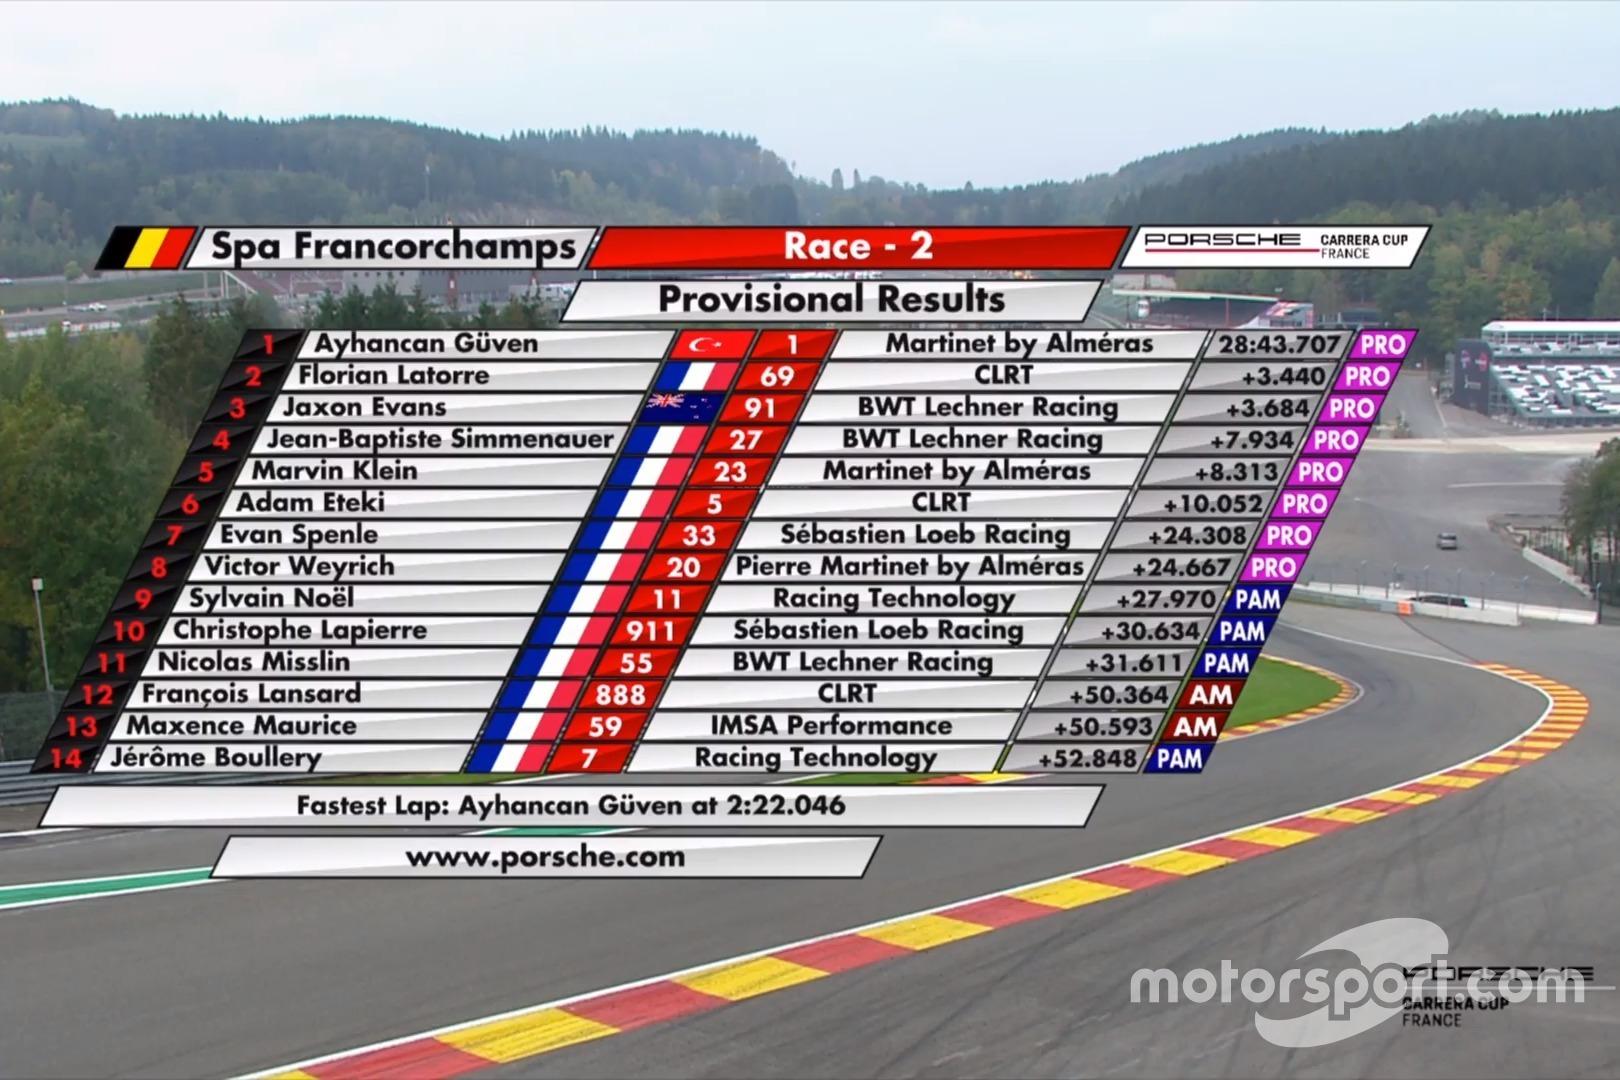 Porsche Carrera Cup Fransa - Spa Francorchamps 2. yarış sonucu